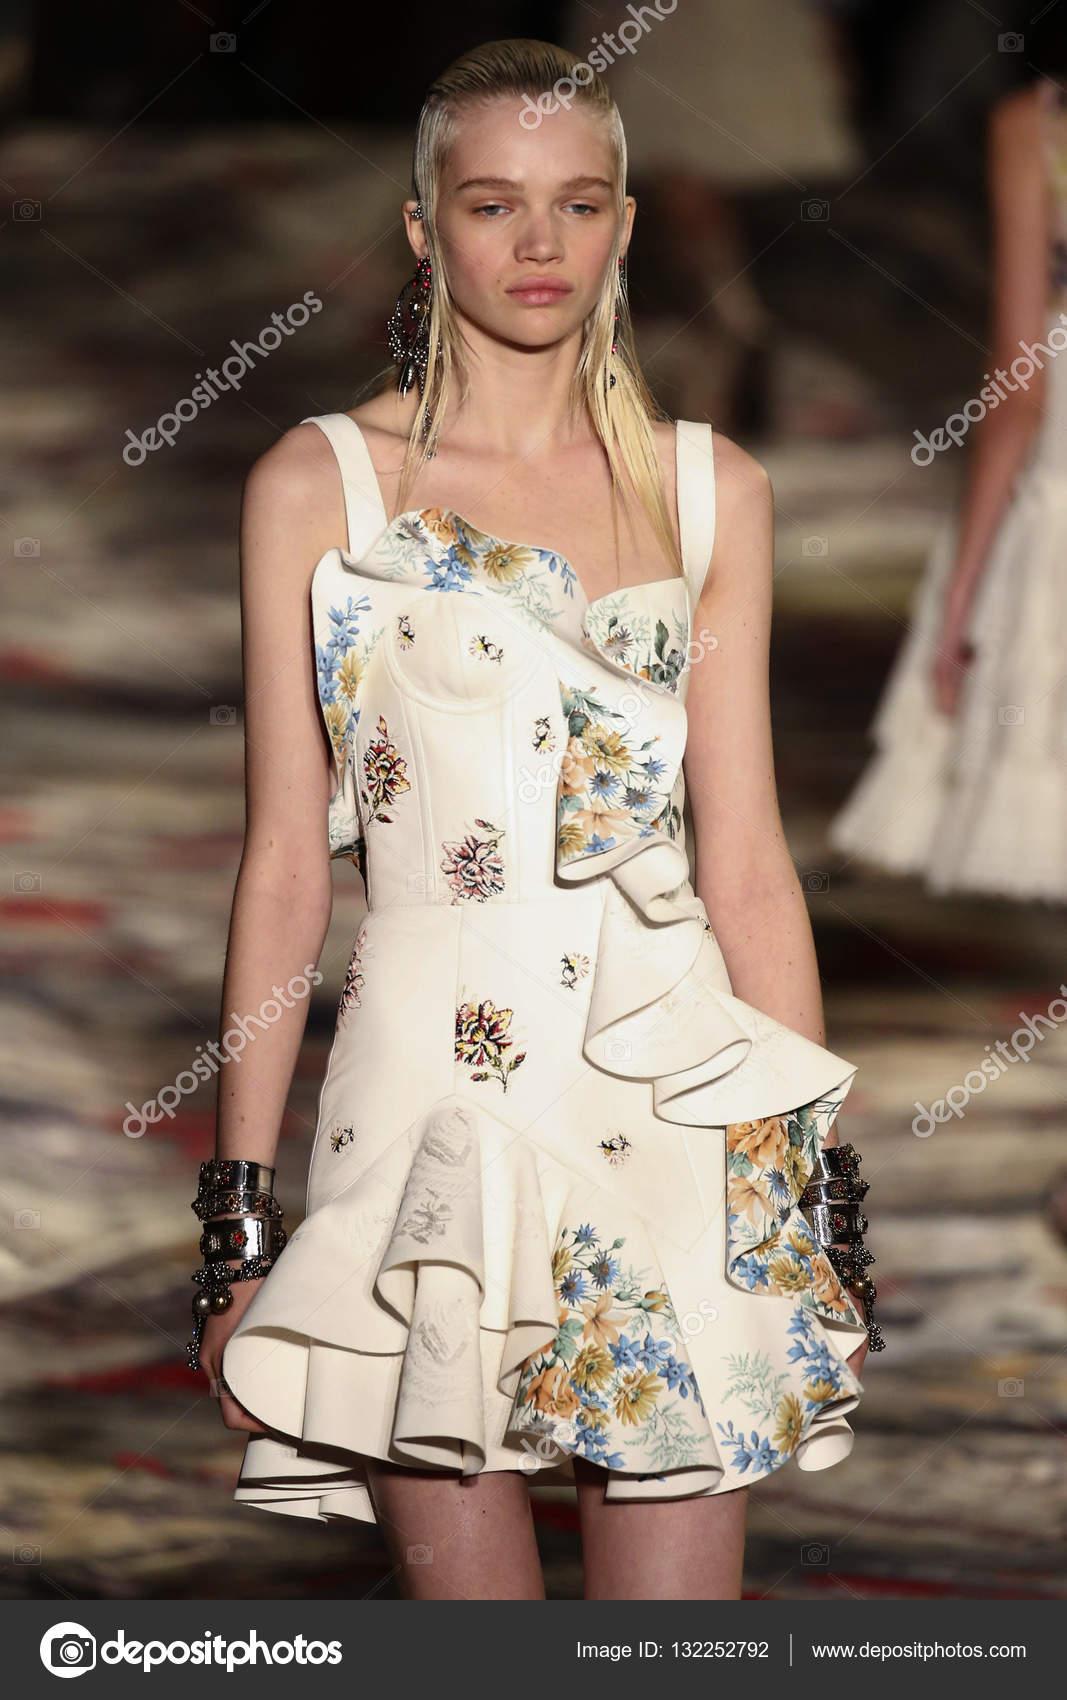 ba5633482 Alexander McQueen designed by Sarah Burton show – Stock Editorial ...